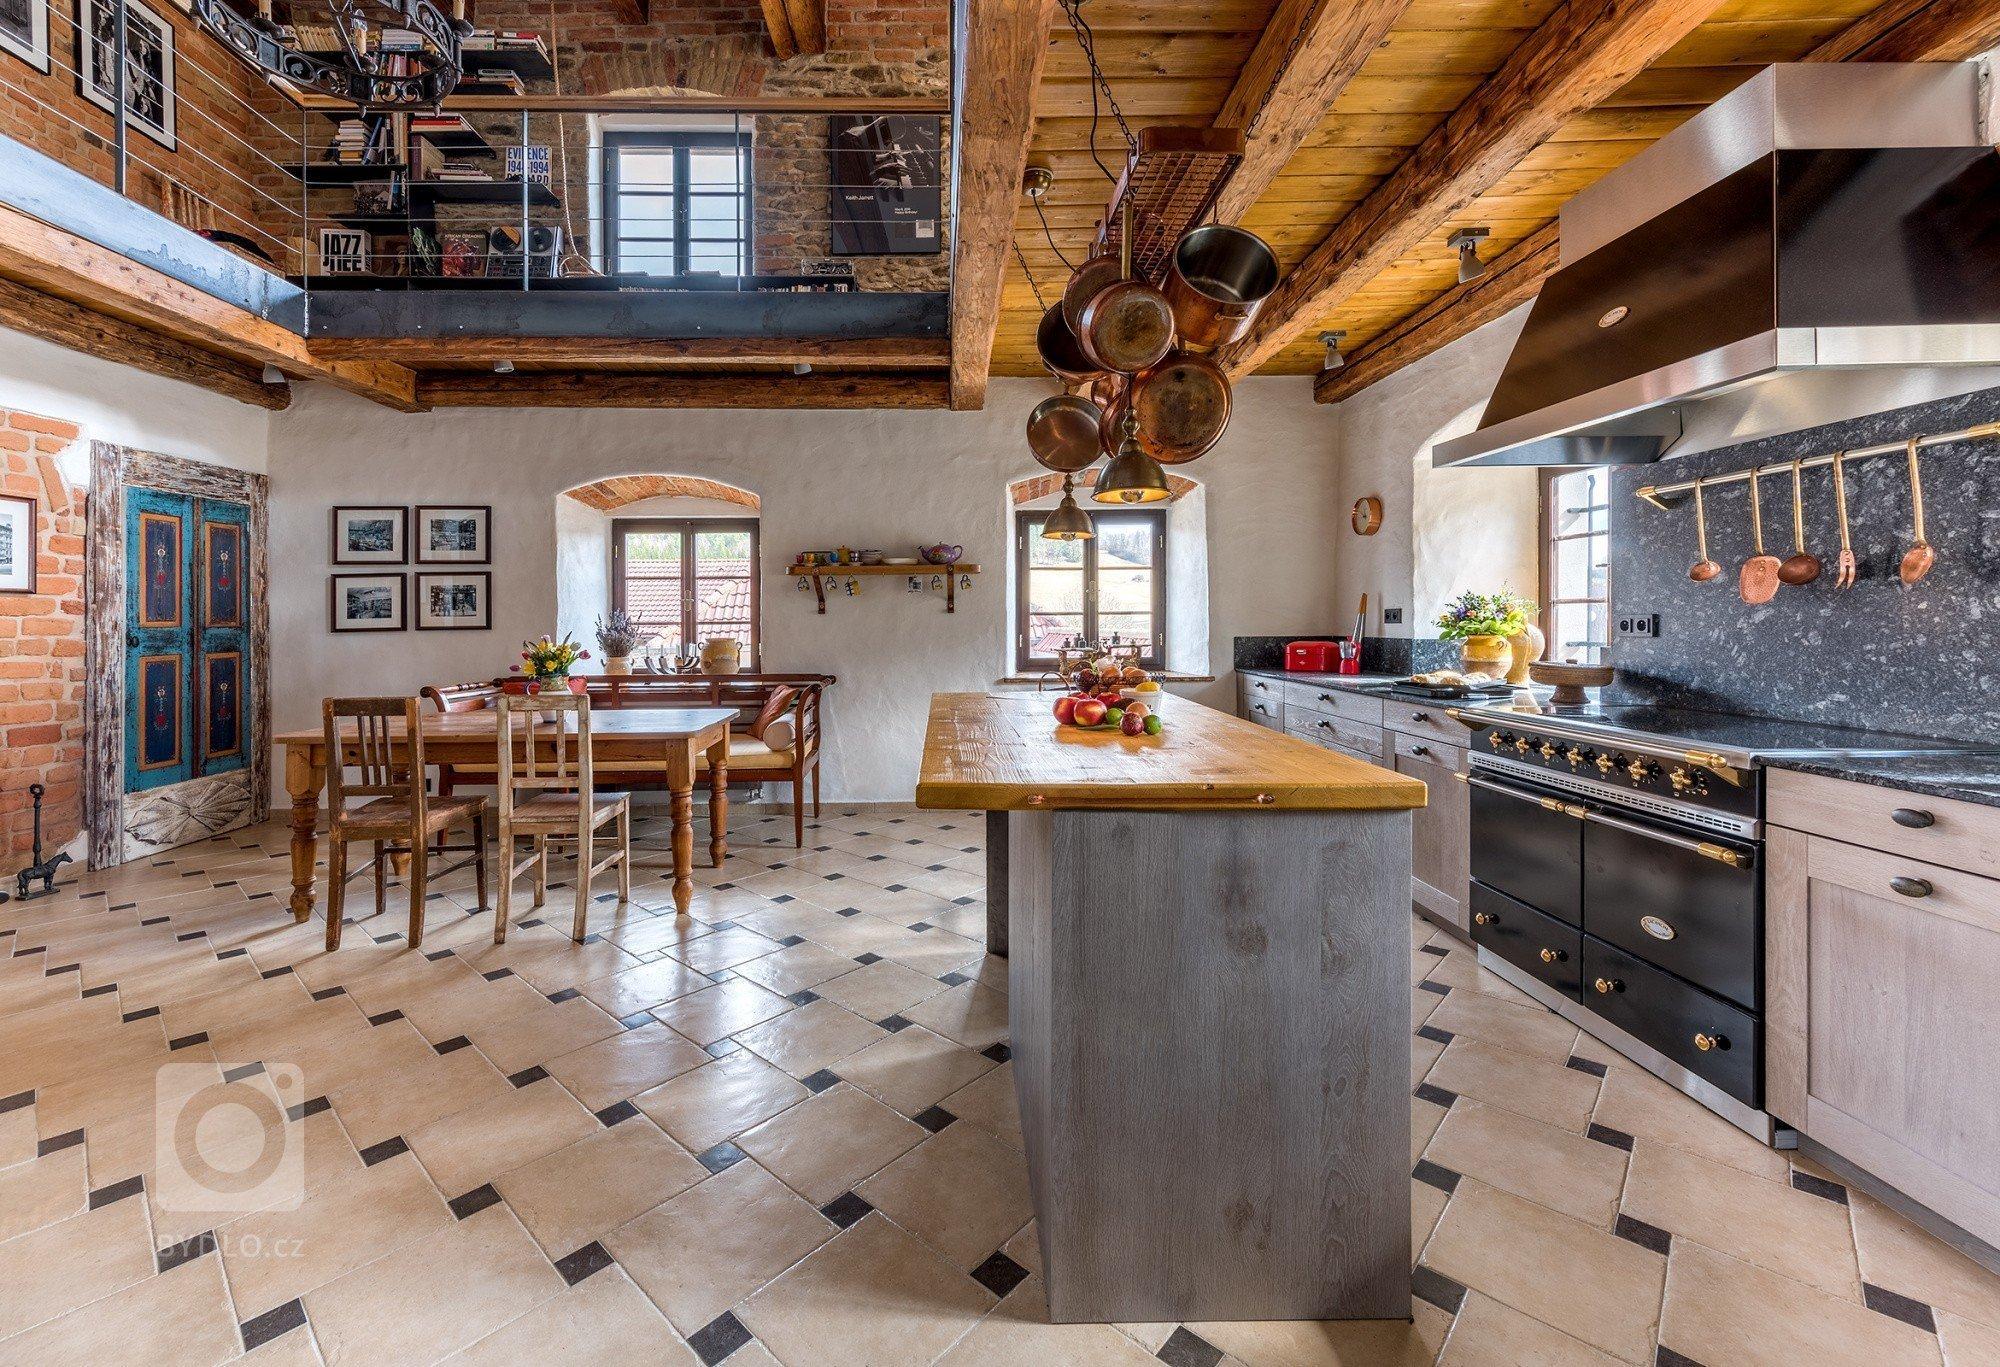 Zadání bylo prosté - navrhnout prostornou a pohodlnou kuchyň, která bude sloužit nejen k vaření, ale i k setkávání s přáteli. Jediným větším požadavkem bylo…